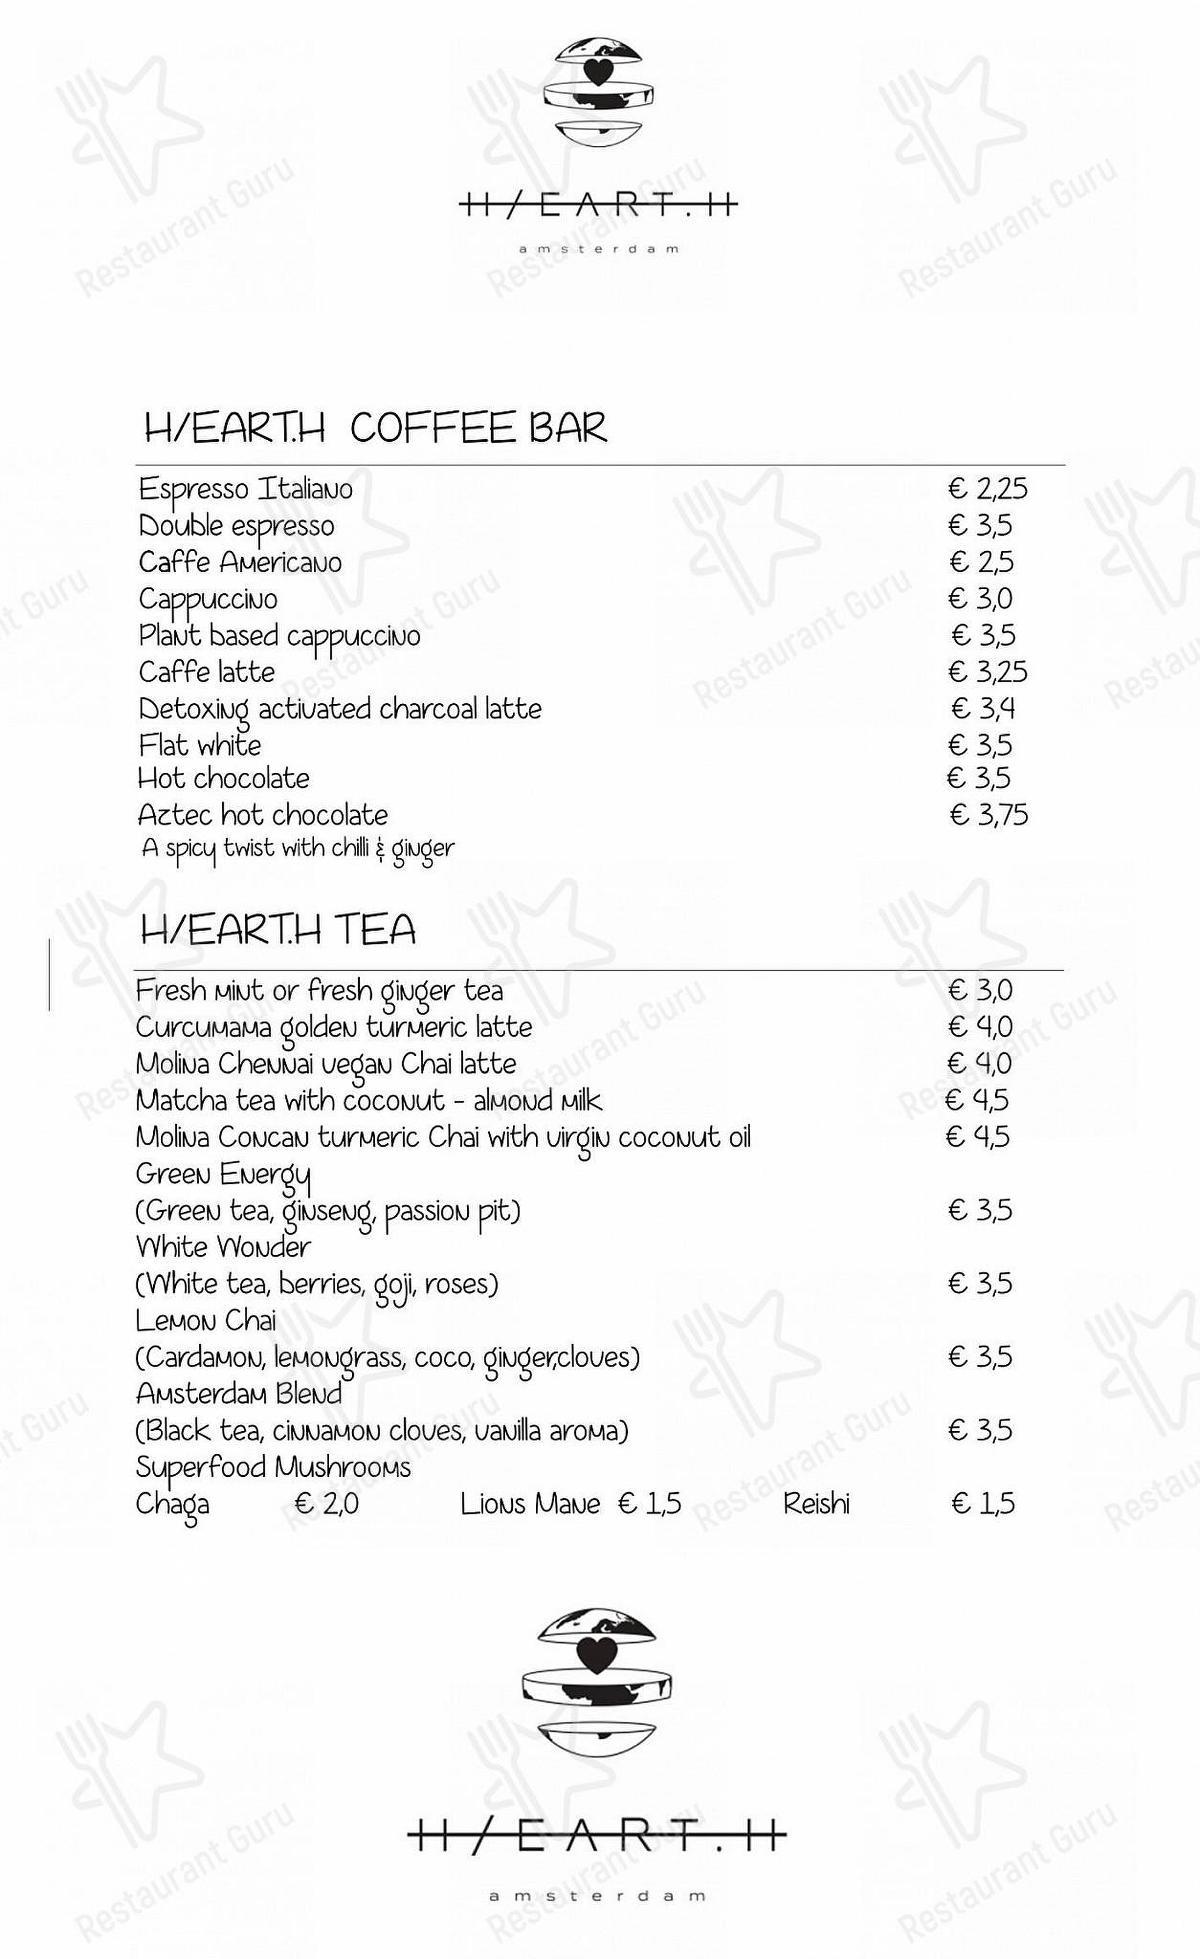 Hearth Speisekarte - Gerichte und Getränke